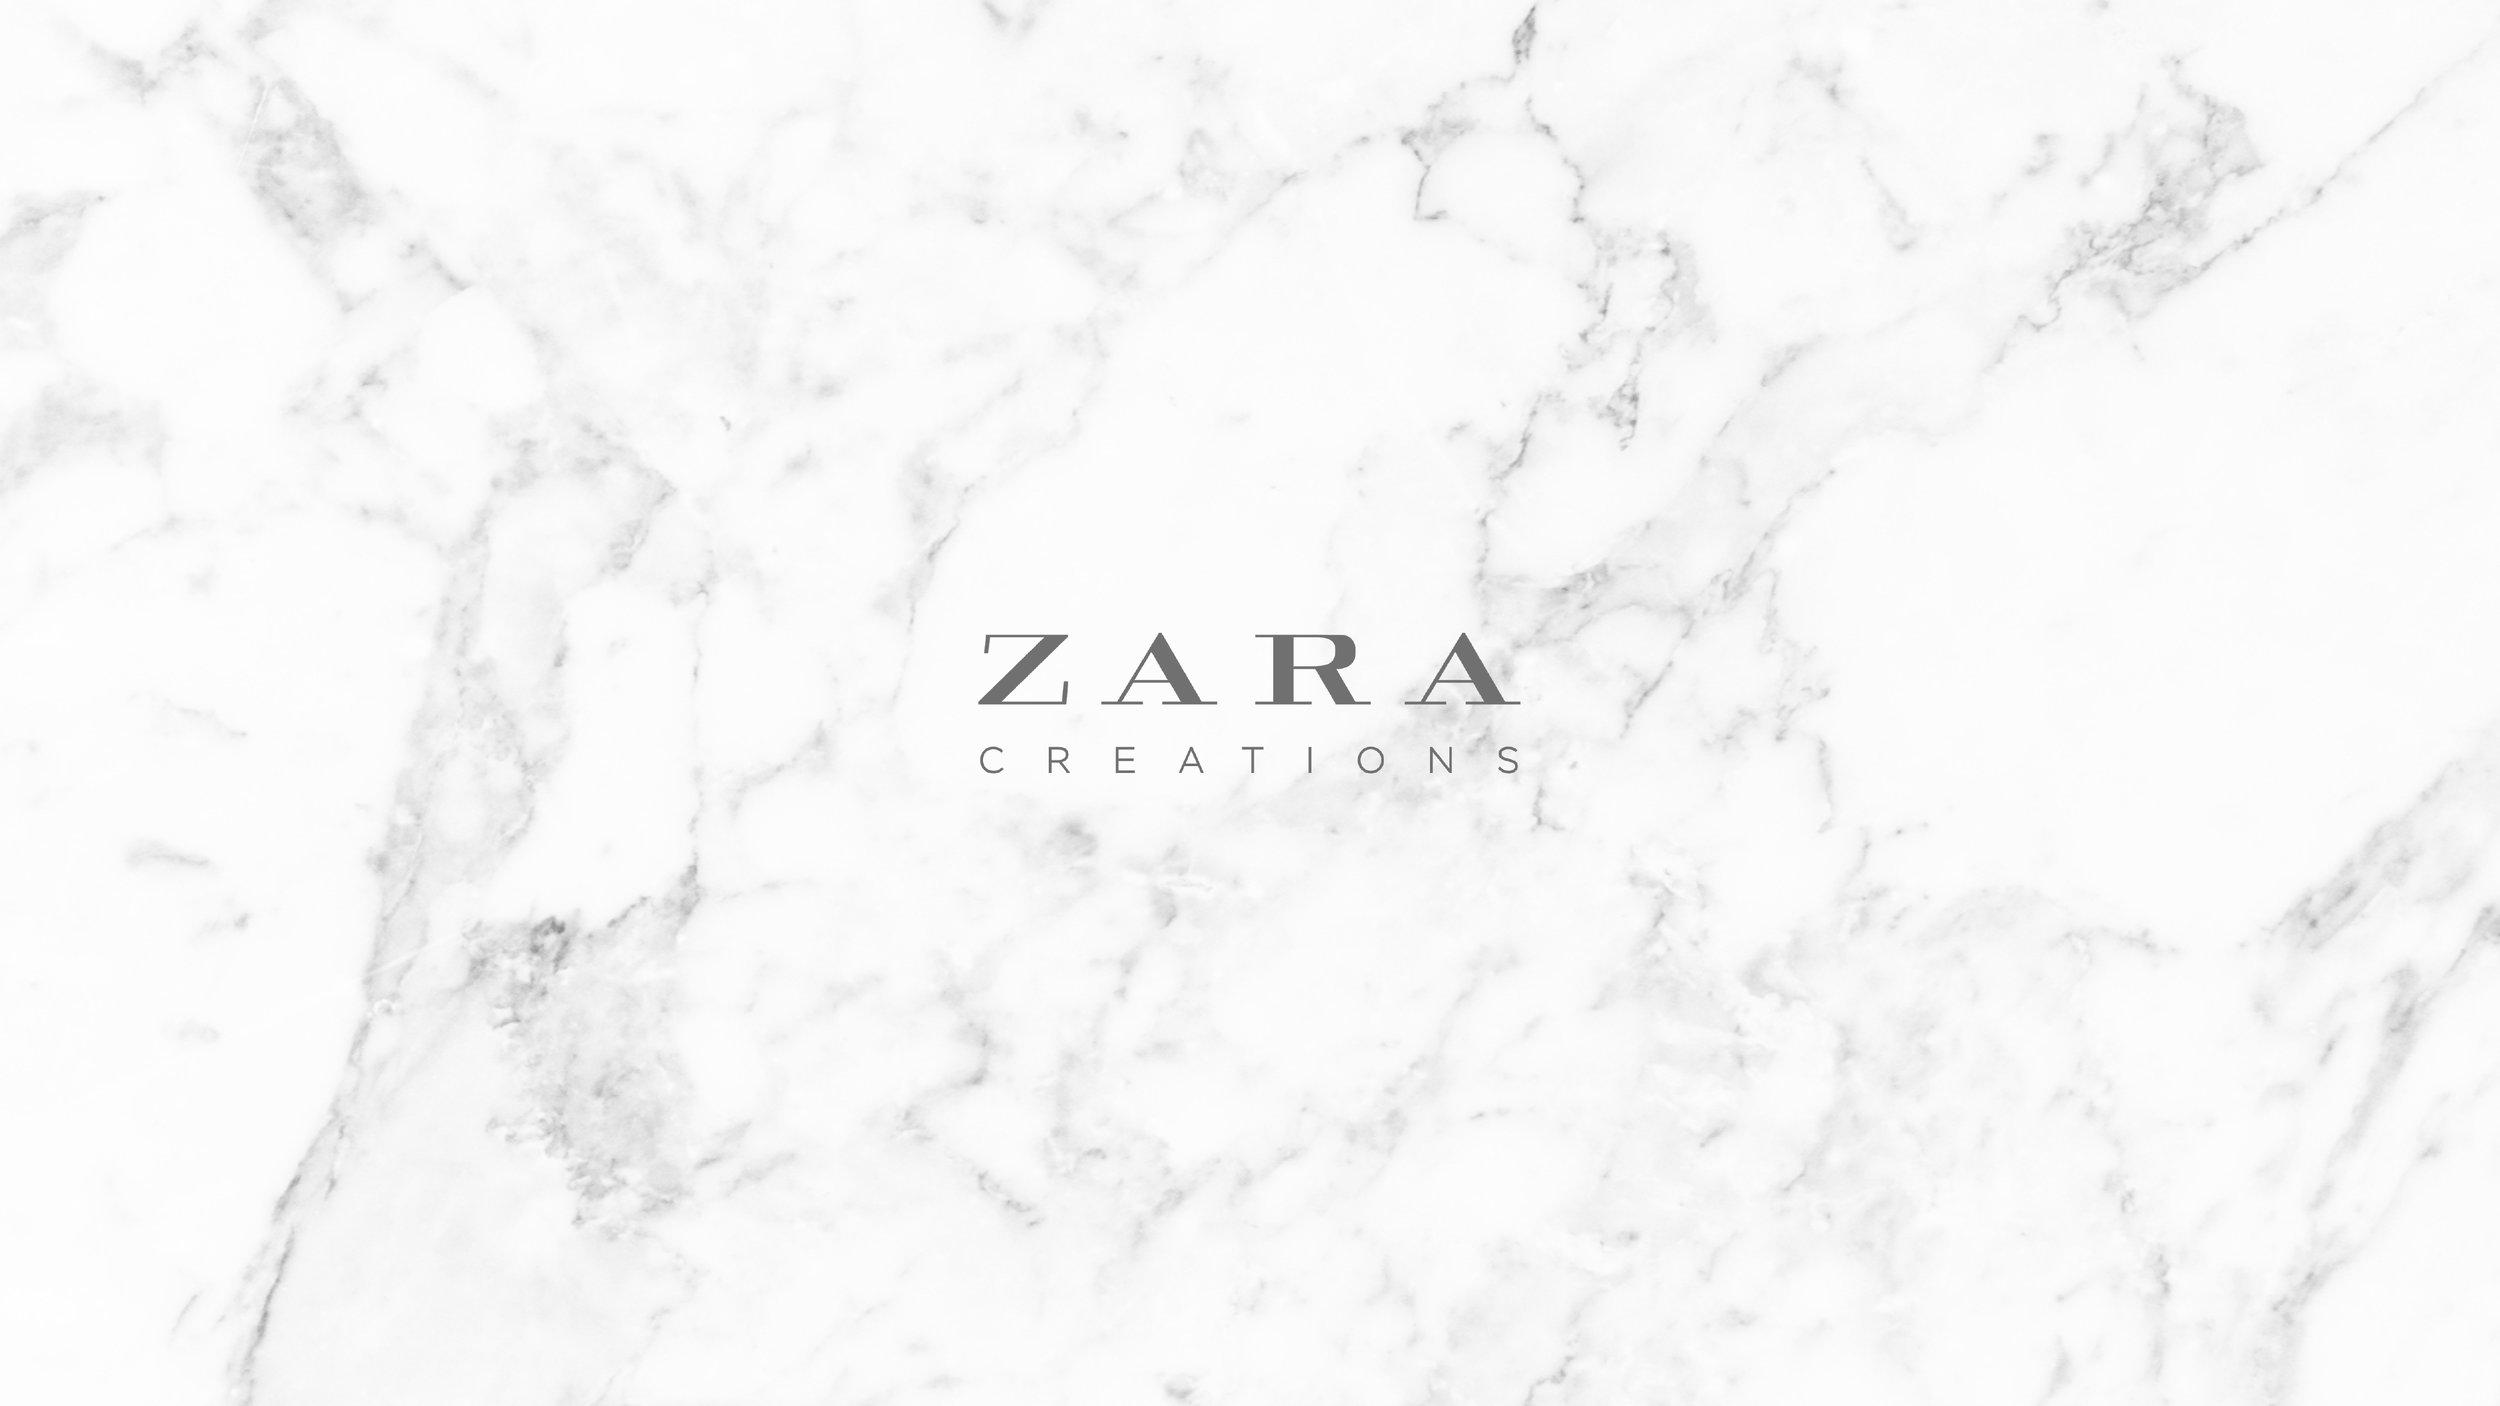 Zara Creations-1.jpg